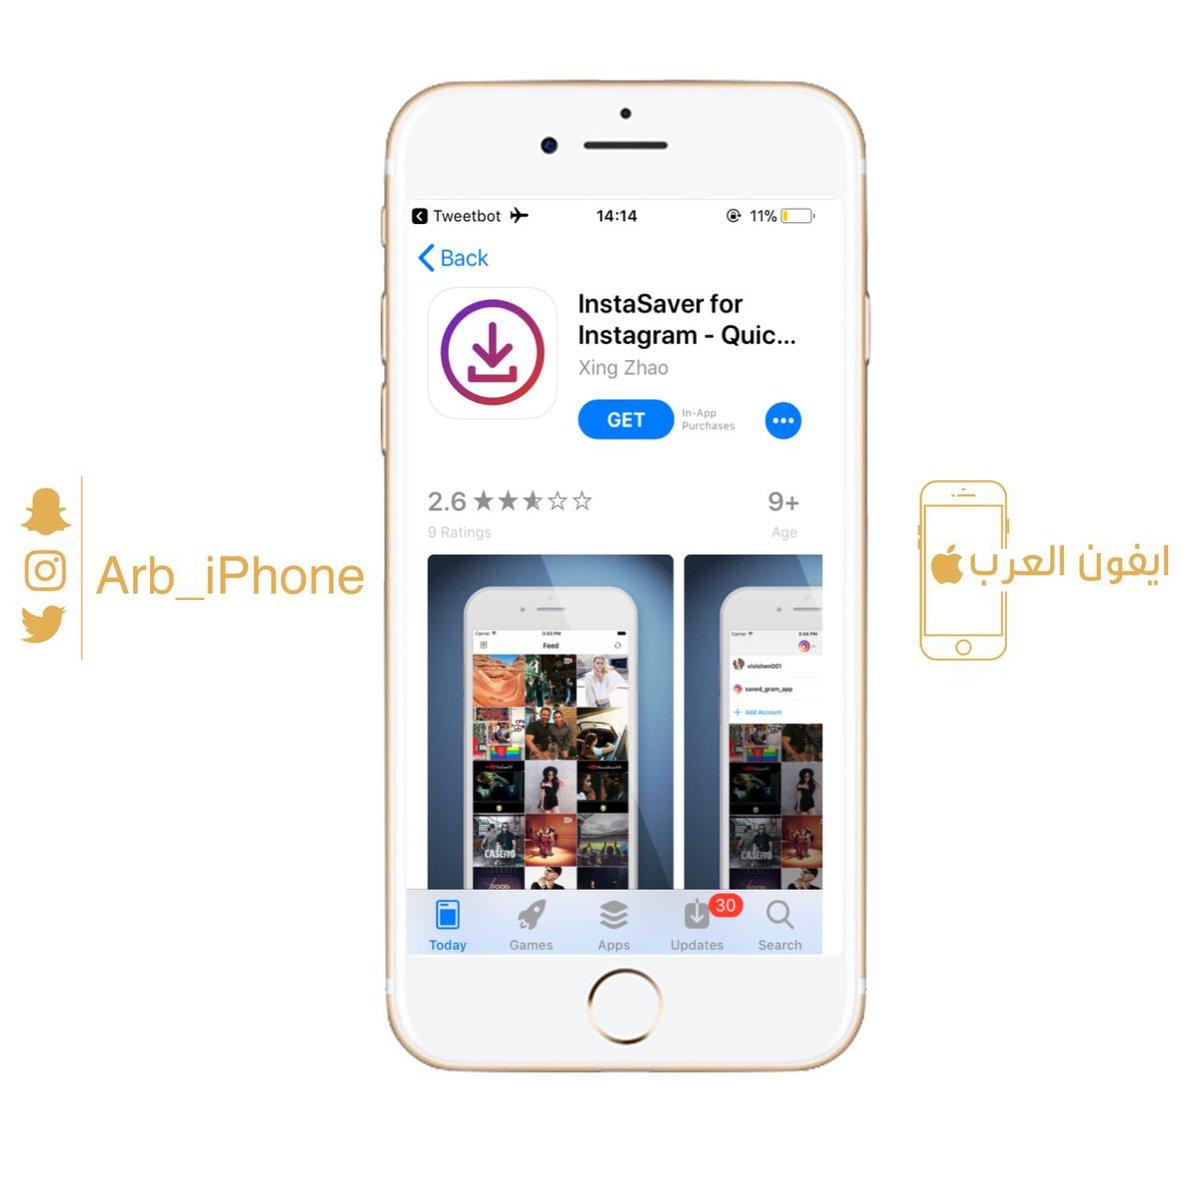 التطبيق لا مثيل له وتحدثنا عنه سابقا بمقال تطبيق لحفظ الصور والفيديو من  الانستقرام .